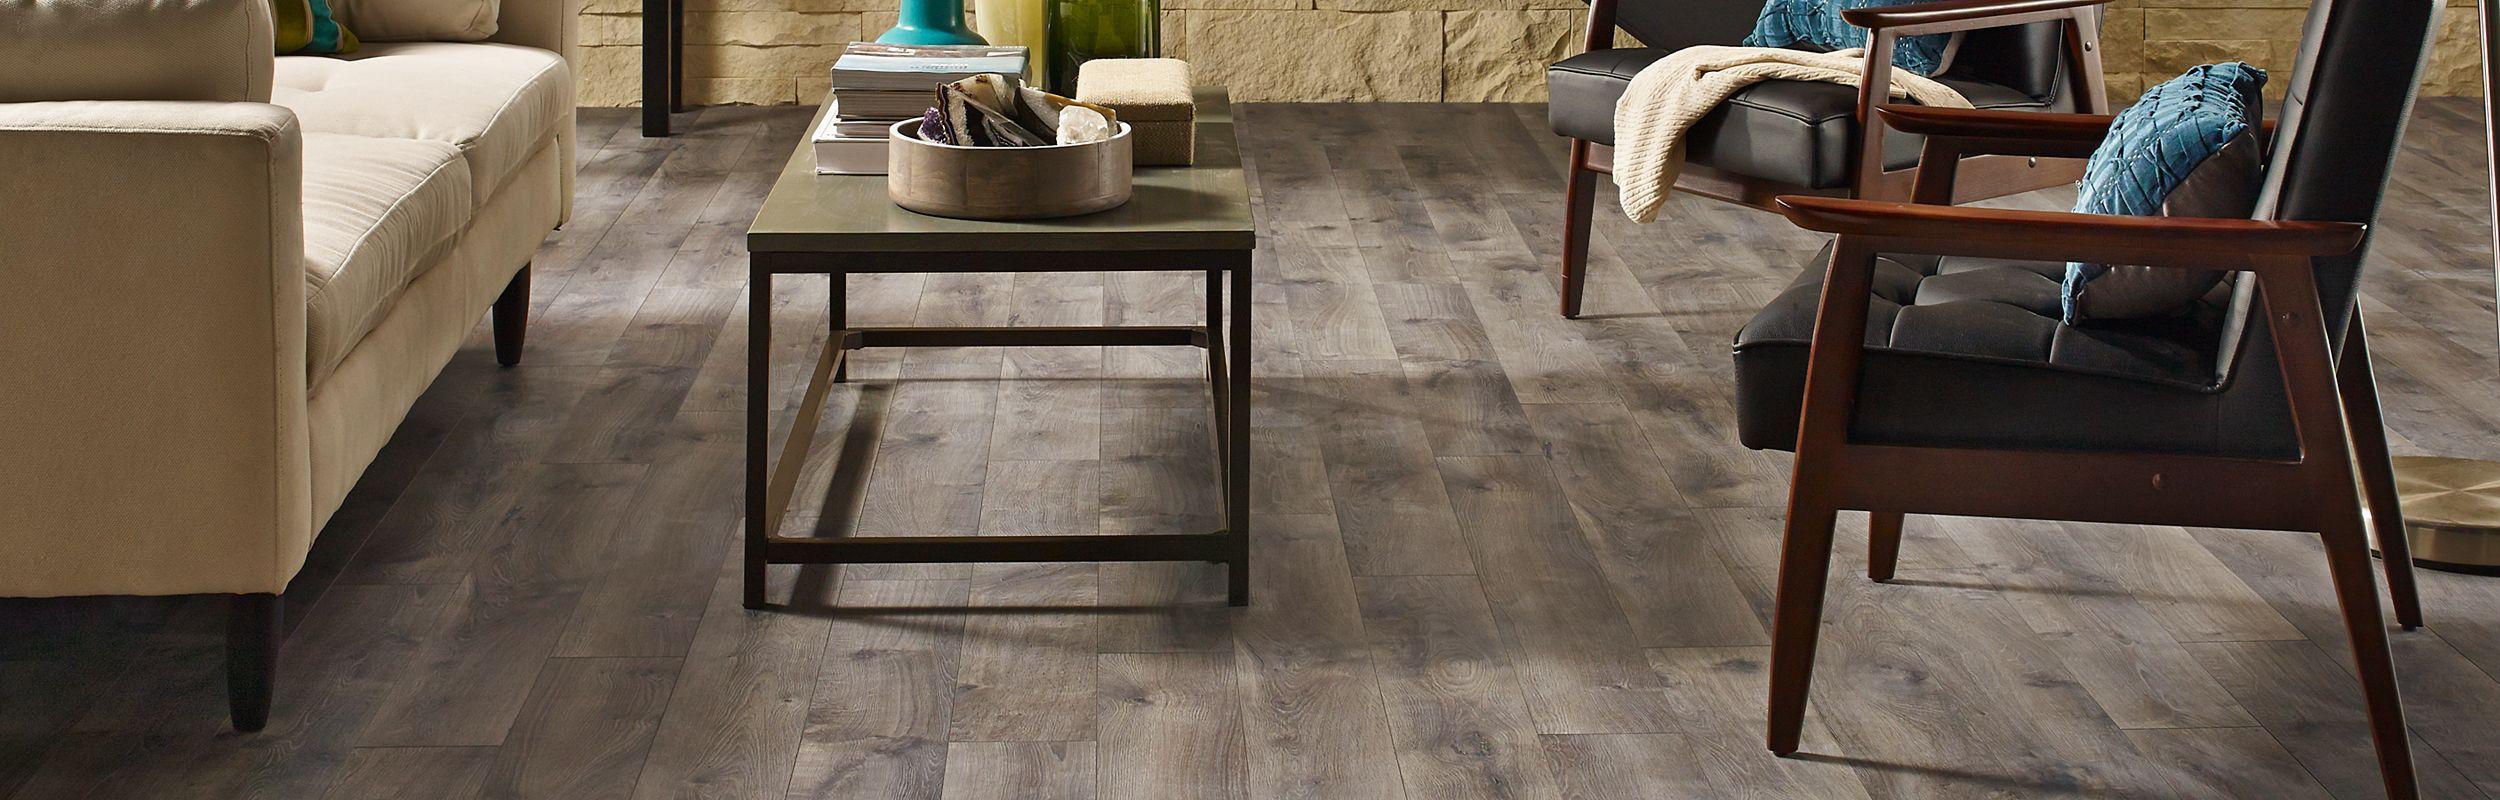 Laminate Flooring Pergo Laminate Floors